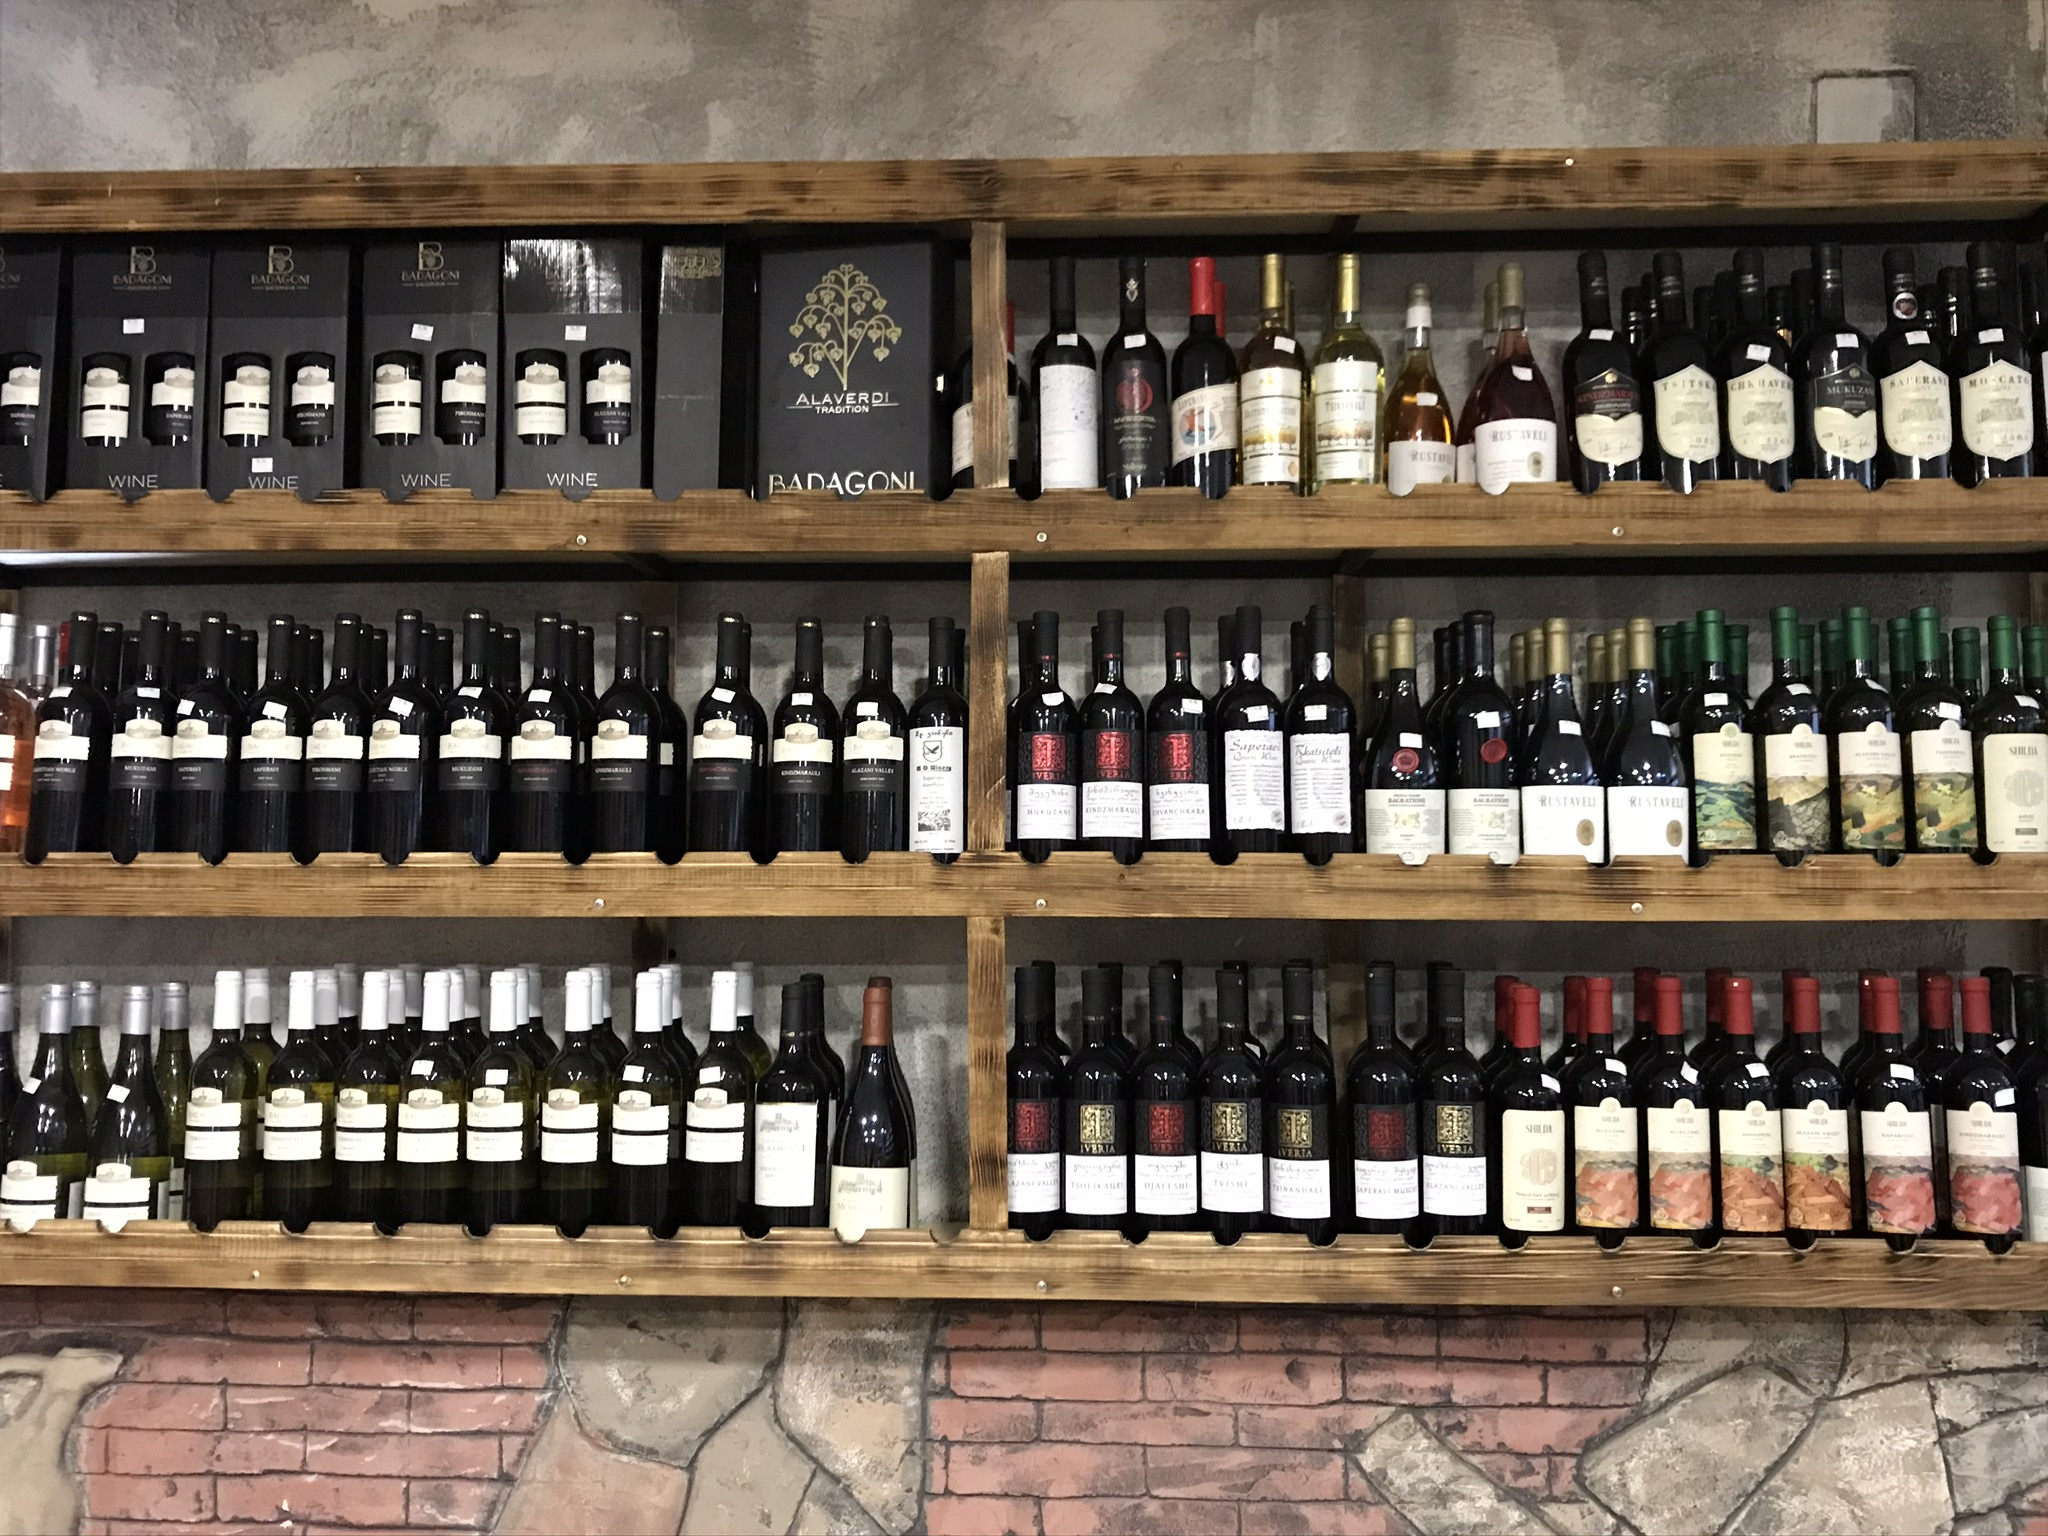 El vino de Georgia: Para muchos, uno de los mejores vinos del mundo.